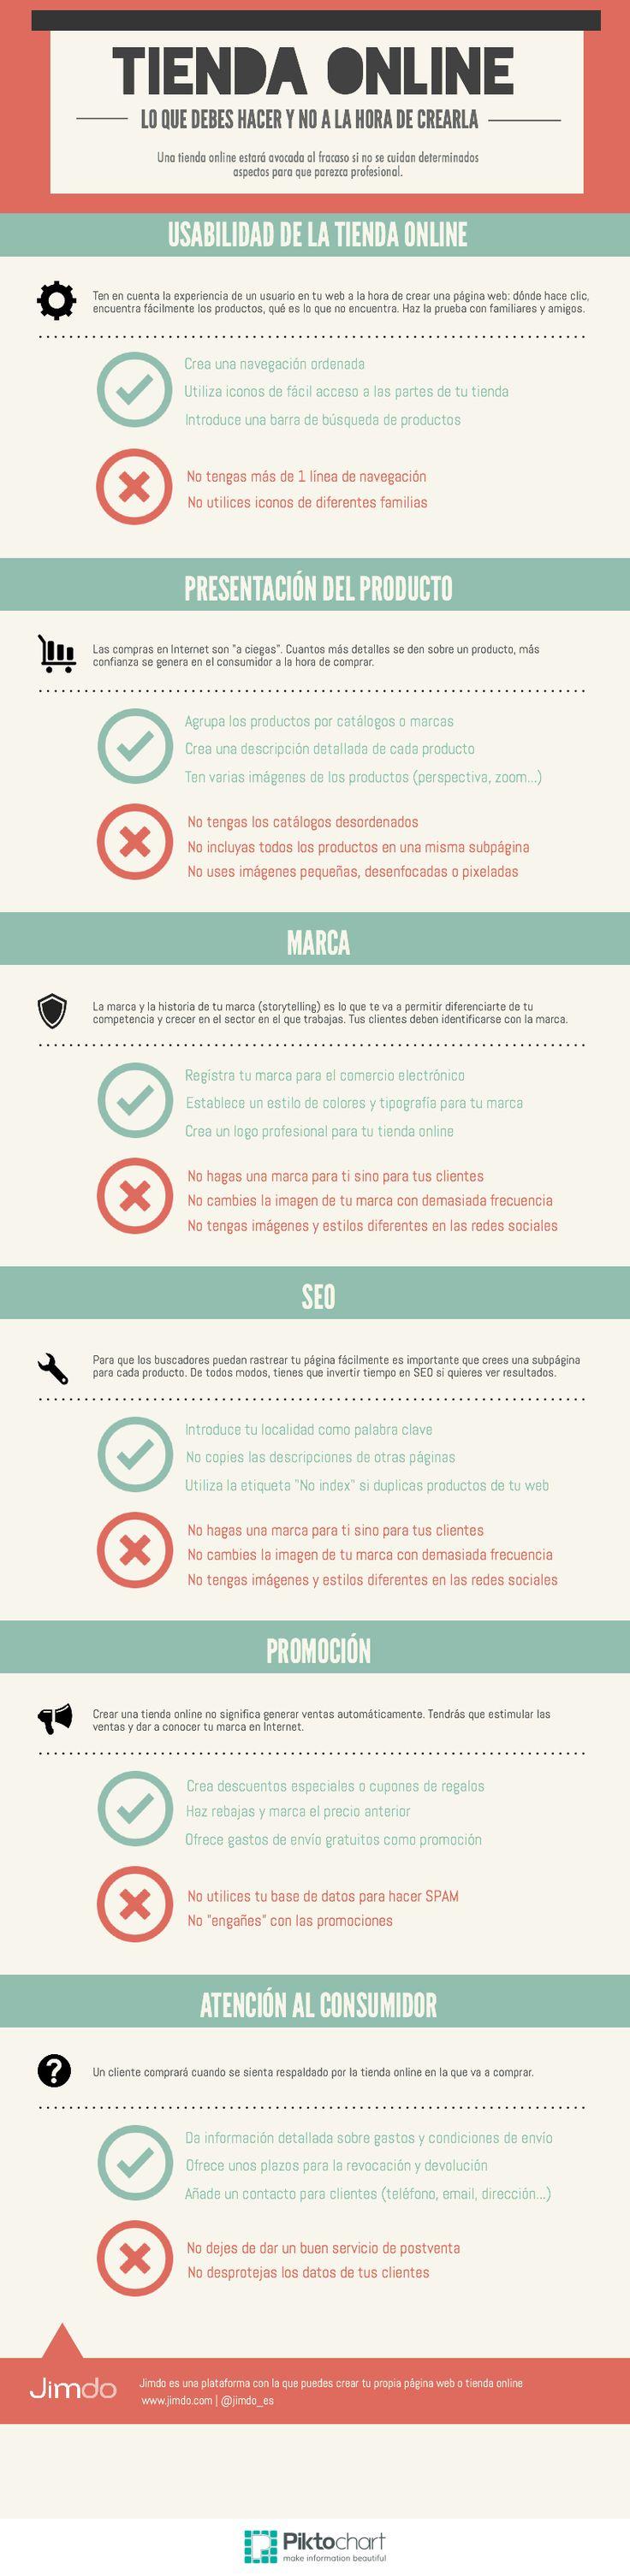 Tienda online: lo que debes hacer y lo que no #infografia #infographic #ecommerce